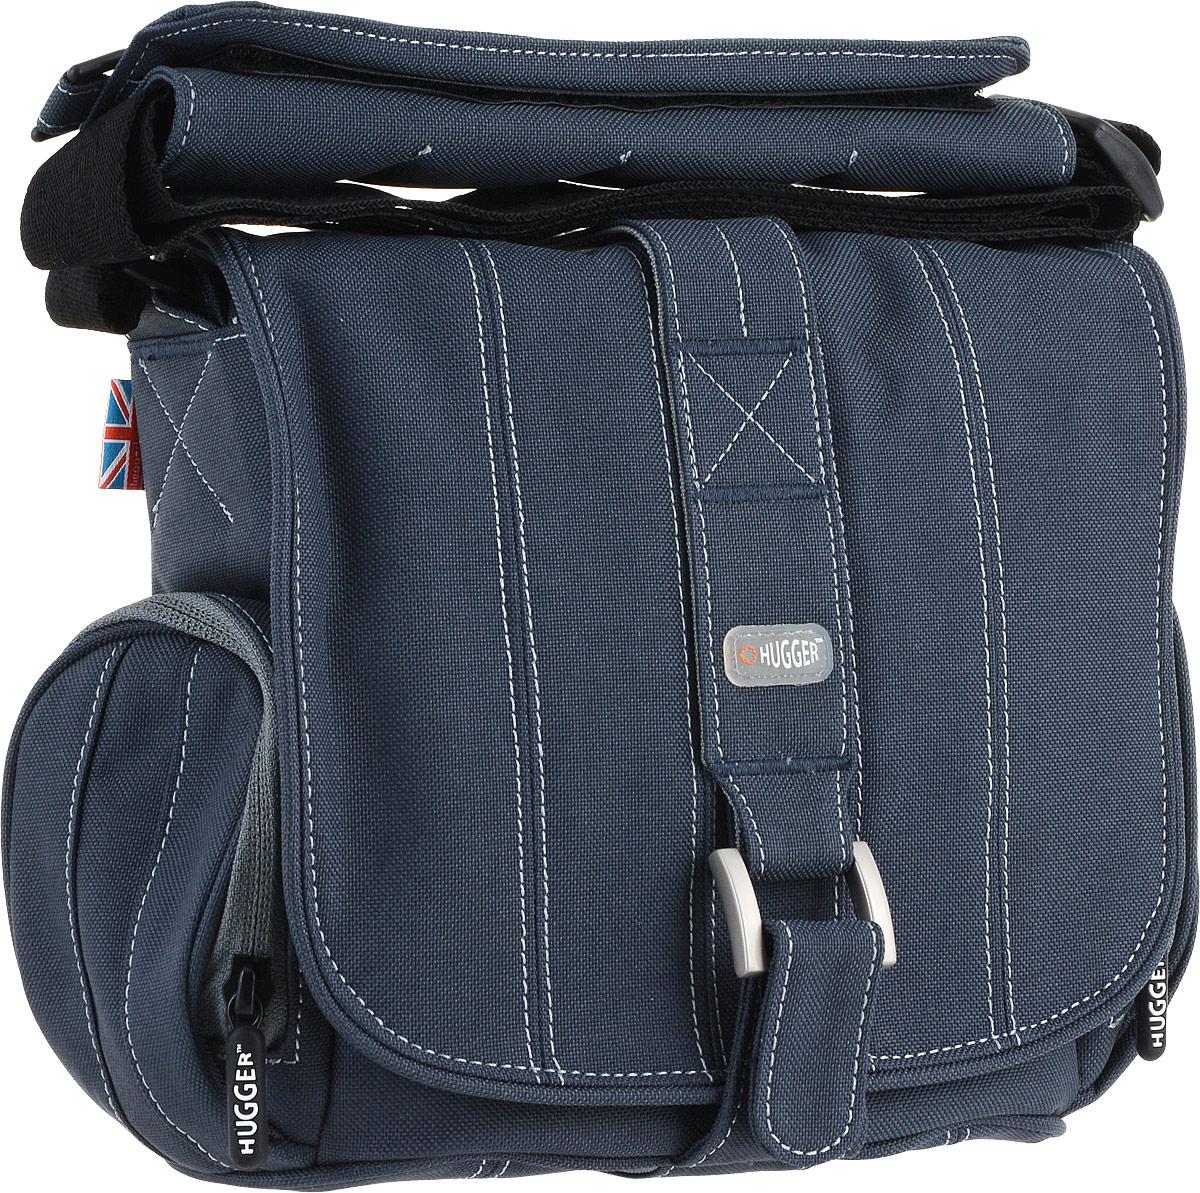 Hugger Pin-Stripe Suit, Sapphire сумка для фотокамеры2050Hugger Pin-Stripe Suit - стильная полосатая сумка, которая идеально сочетается с деловым костюмом. Передняя металлическая застежка в сочетании с лентой велкро позволяют легко застегивать верхний клапан. Мягкие внутренние перегородки могут быть удалены или перемещены для большего удобства. Передний отсек подходит для аксессуаров большого размера. Два сетчатых кармана по бокам сумки подходят для аксессуаров или личных вещей фотографа.Эта сумка подходит для зеркальной камеры с объективом и некоторым количеством аксессуаров, например, вспышкой.Съемная площадка на ремне с кольцом для мобильного телефонаТолстые стенки для надежной защиты камеры от механических поврежденийВысокий уровень защиты от влагиЛегкий весПротиводождевой чехол и фирменный платок в комплекте